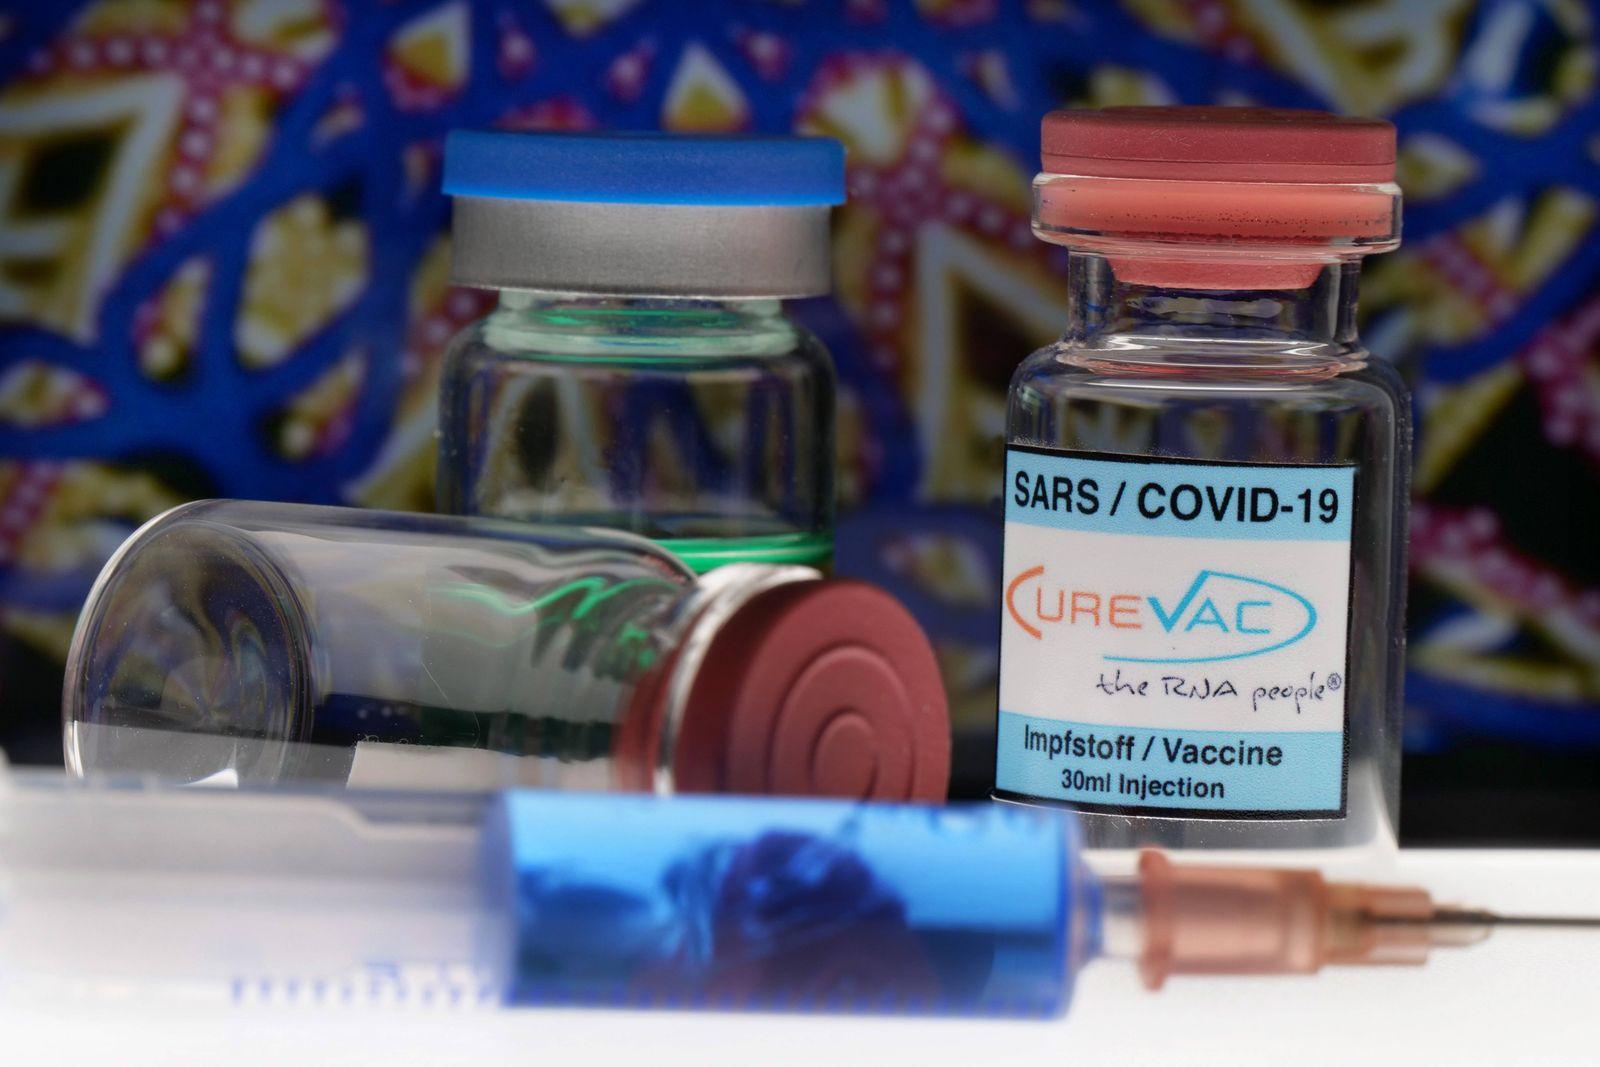 Symbolbild Coronaserum-Impfstoffdose mit Spritze Corona-Impfstoff *** Symbol image Coronaserum vaccine can with syringe